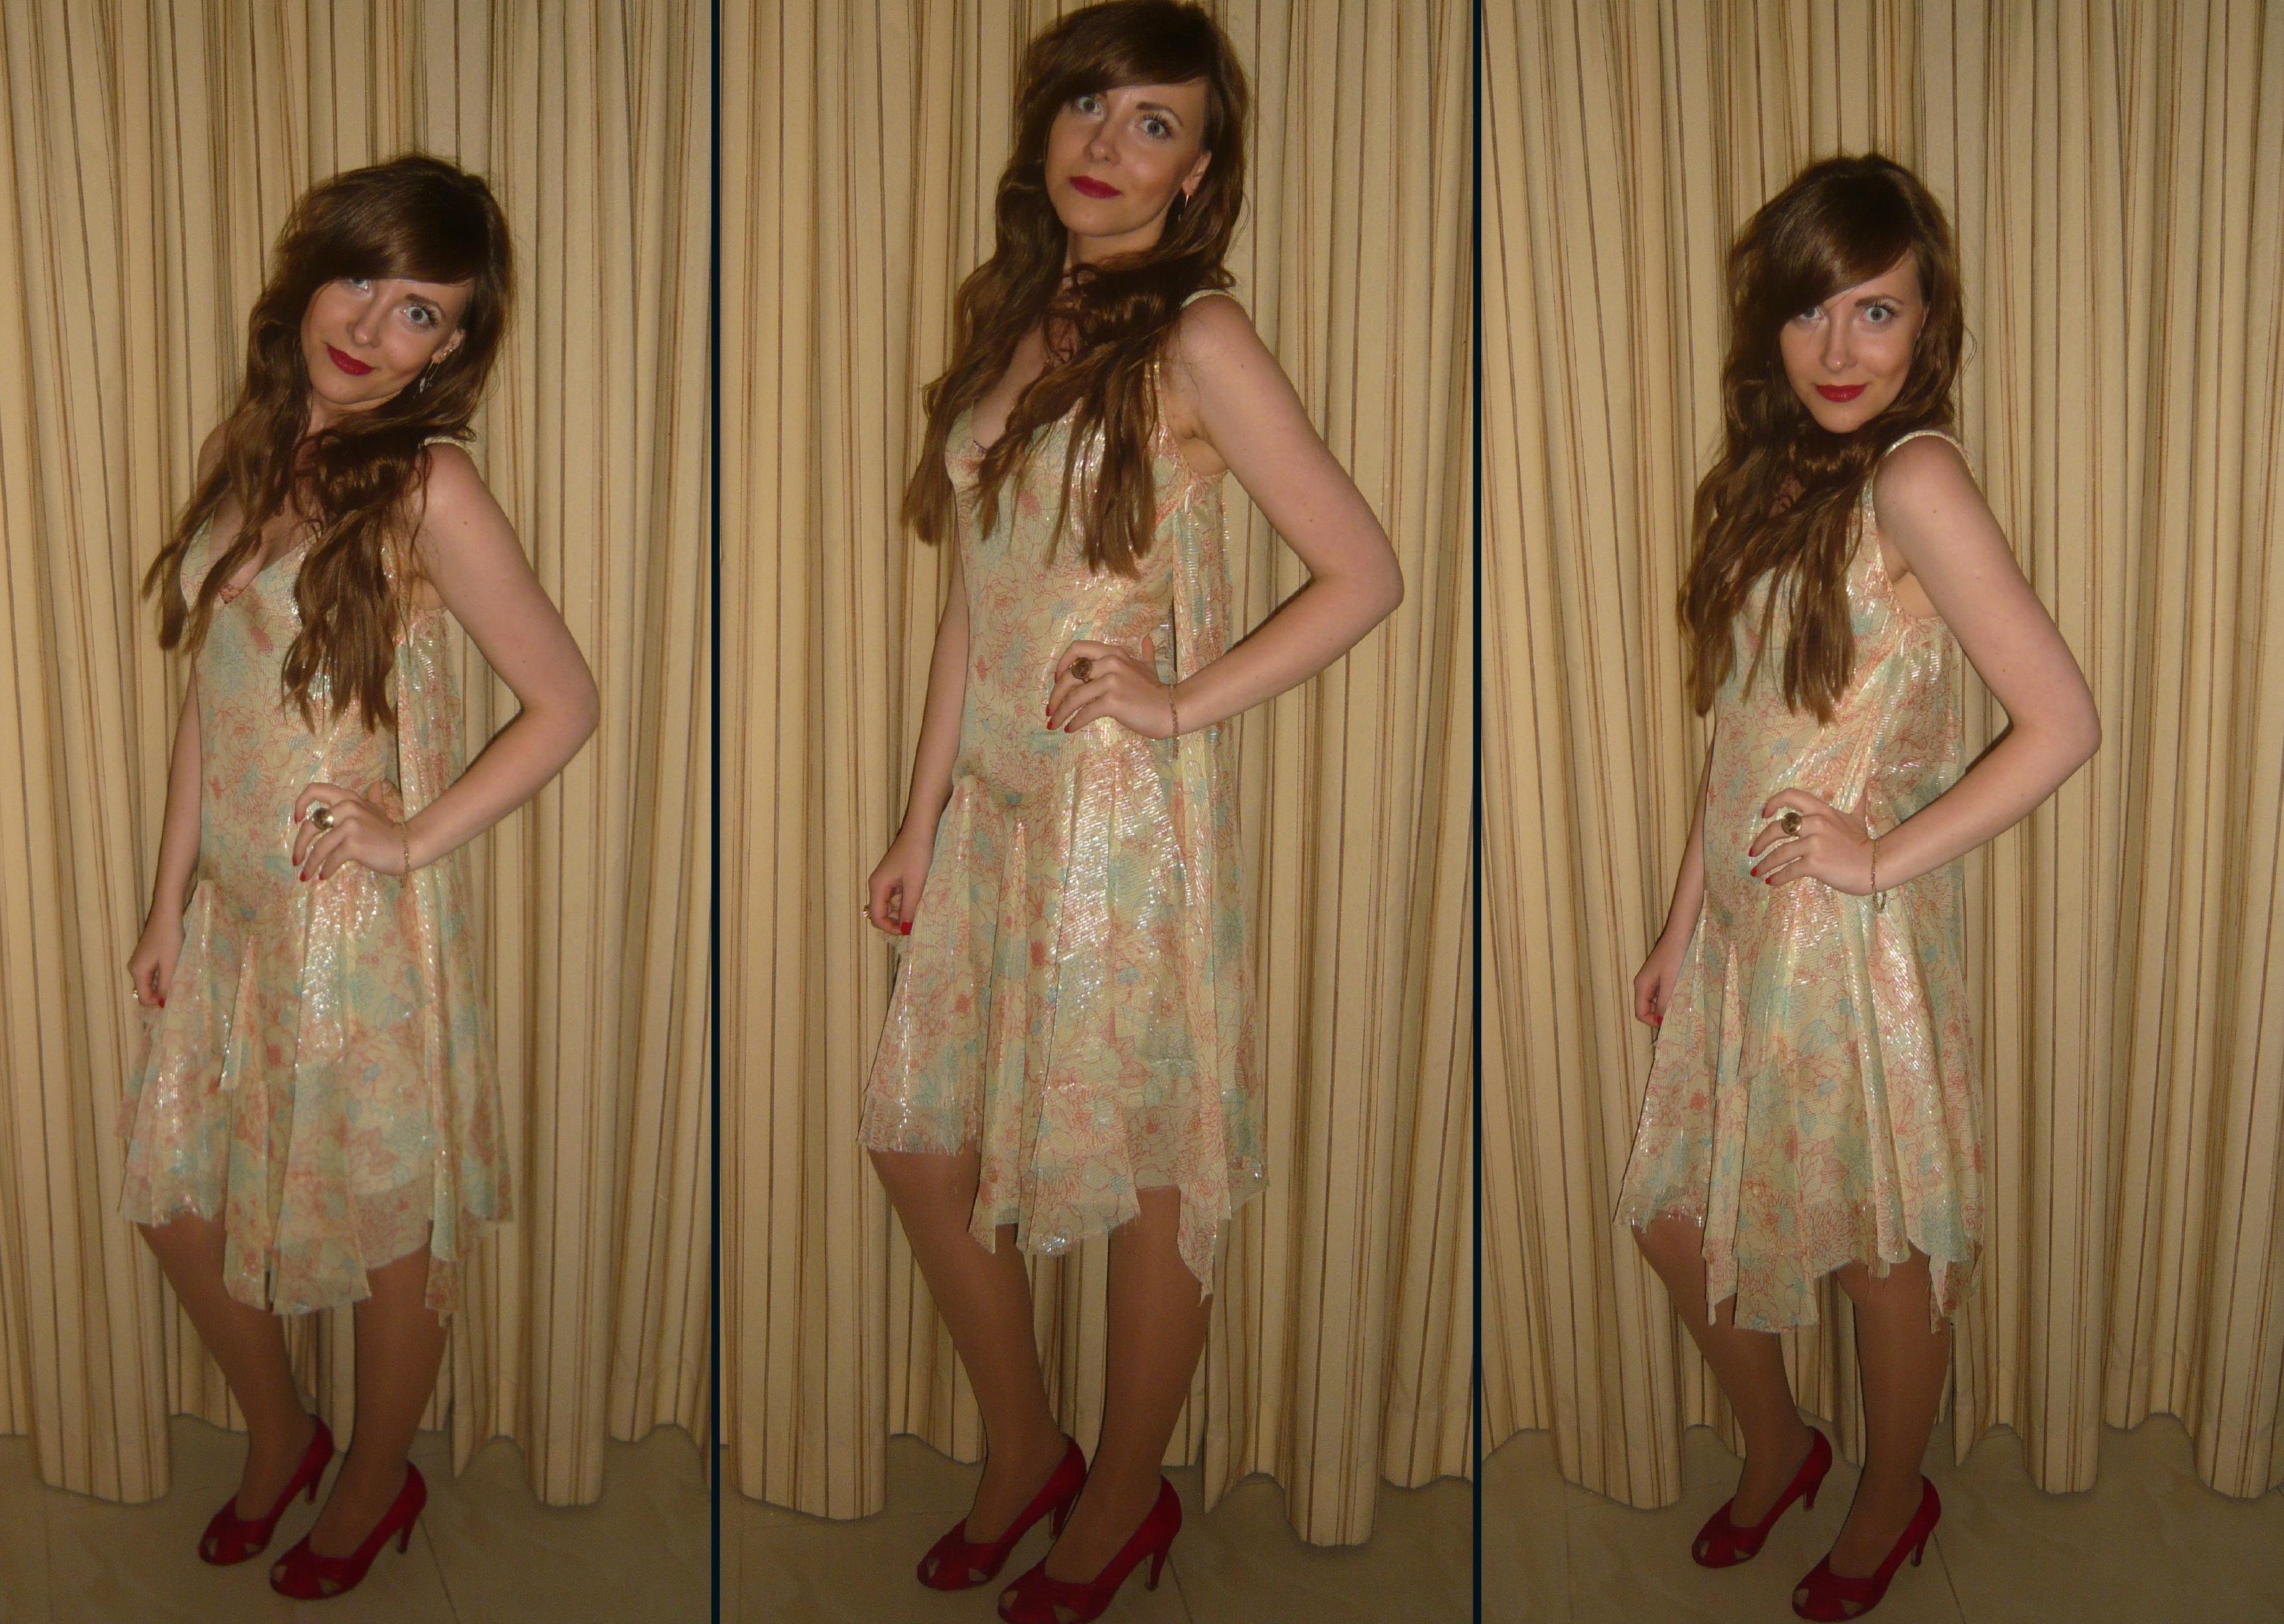 3 takes of the Edun Dress